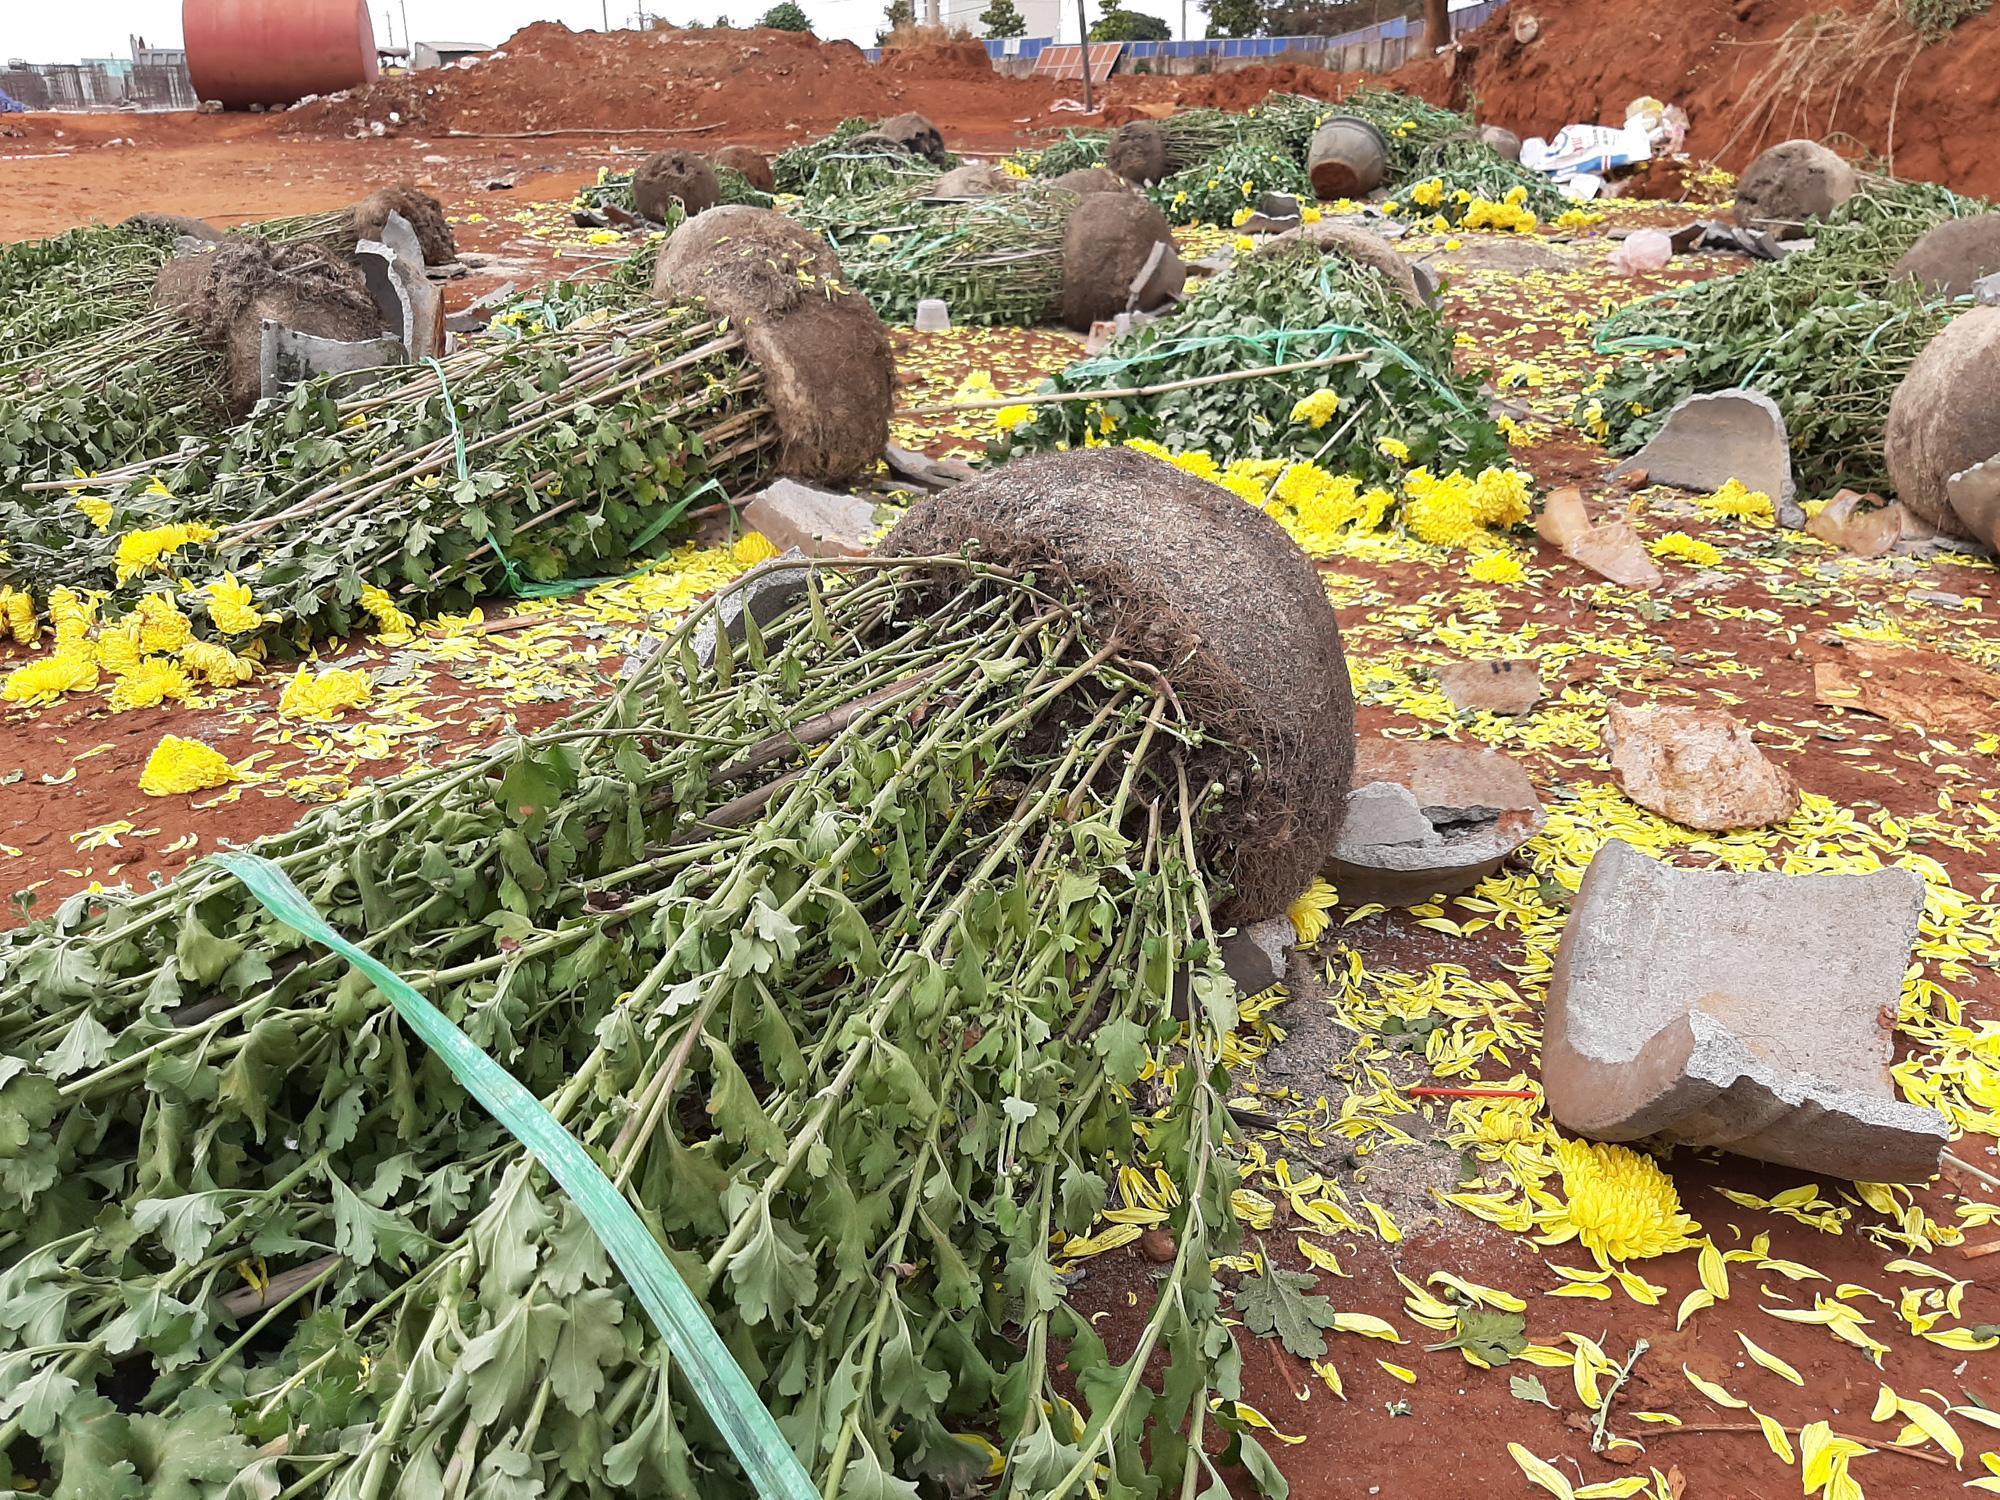 Chợ Tết như bãi chiến trường, đường phố ngập xác hoa - Ảnh 1.